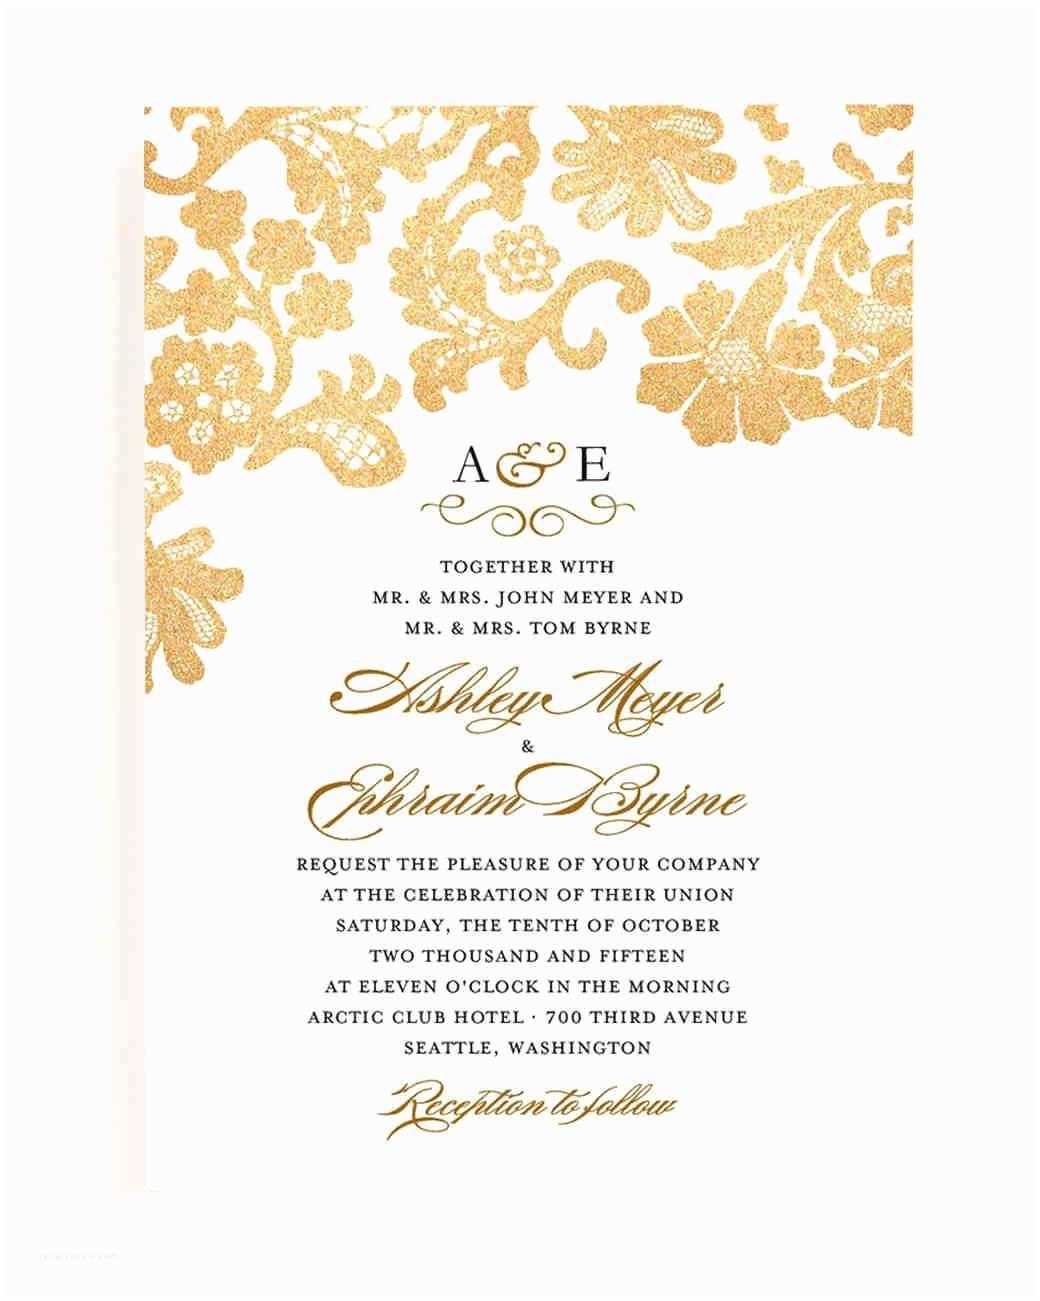 Wedding Etiquette Invitations Wedding Paper Divas Bridal